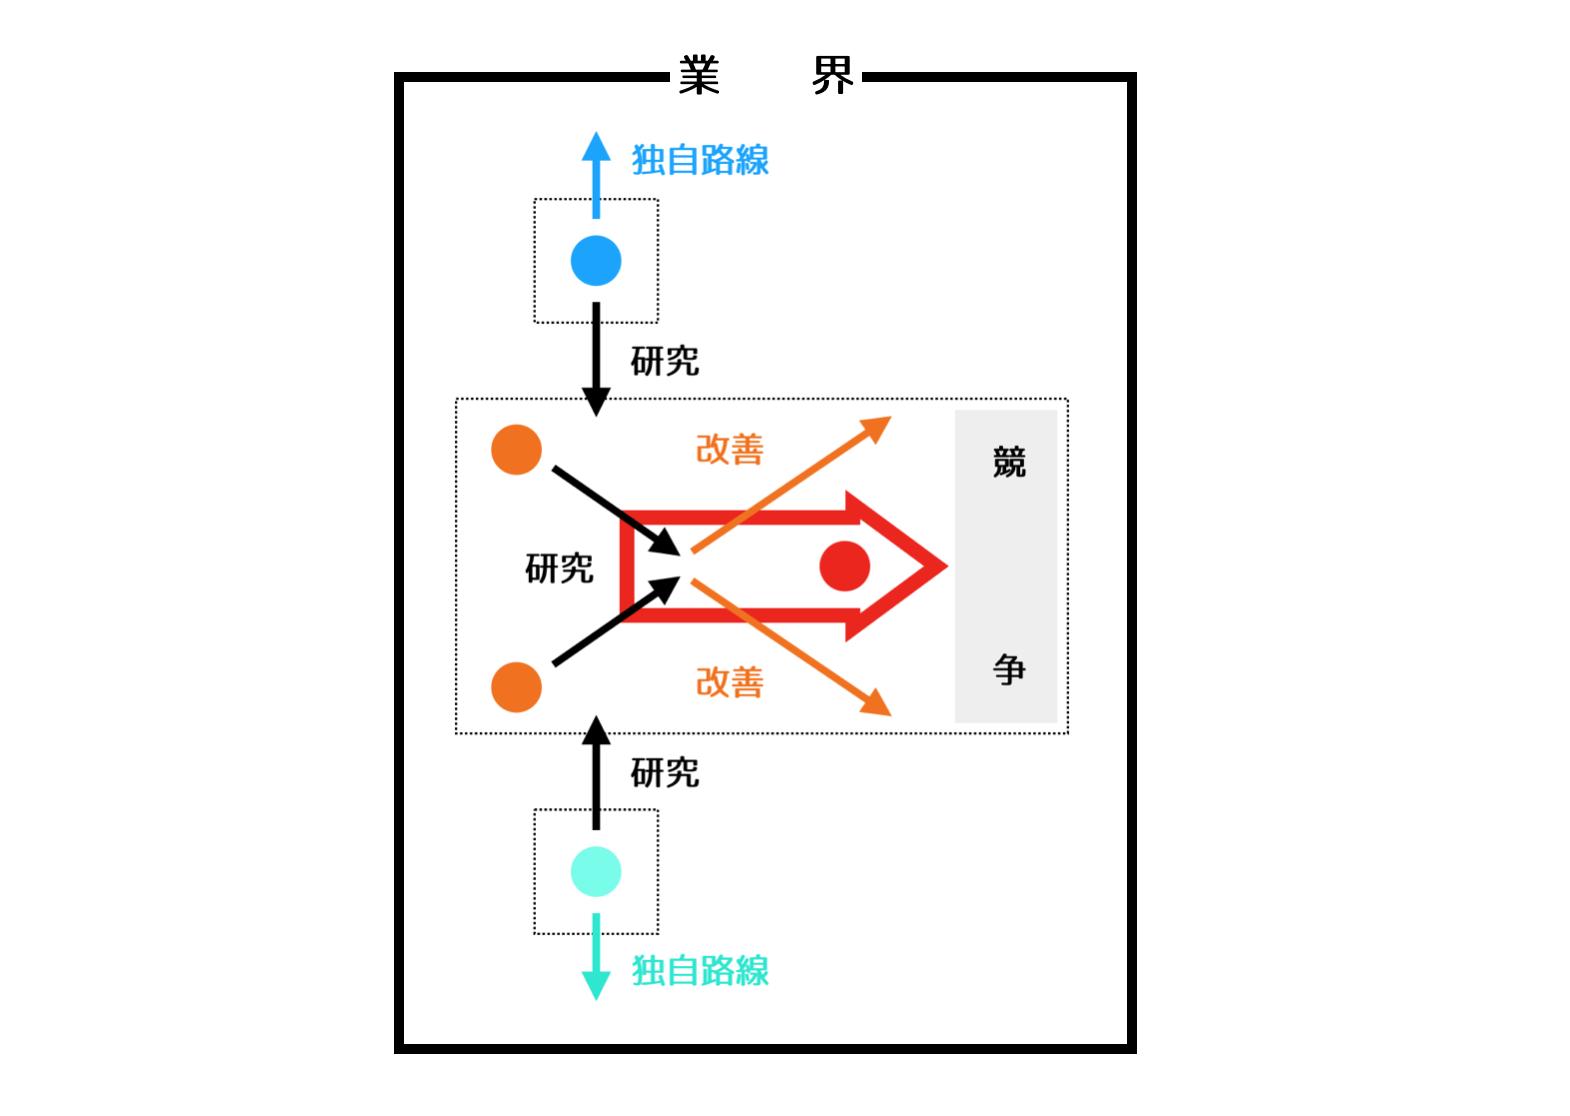 一番煎じ、二番煎じ、三番煎じの関係性を表した図